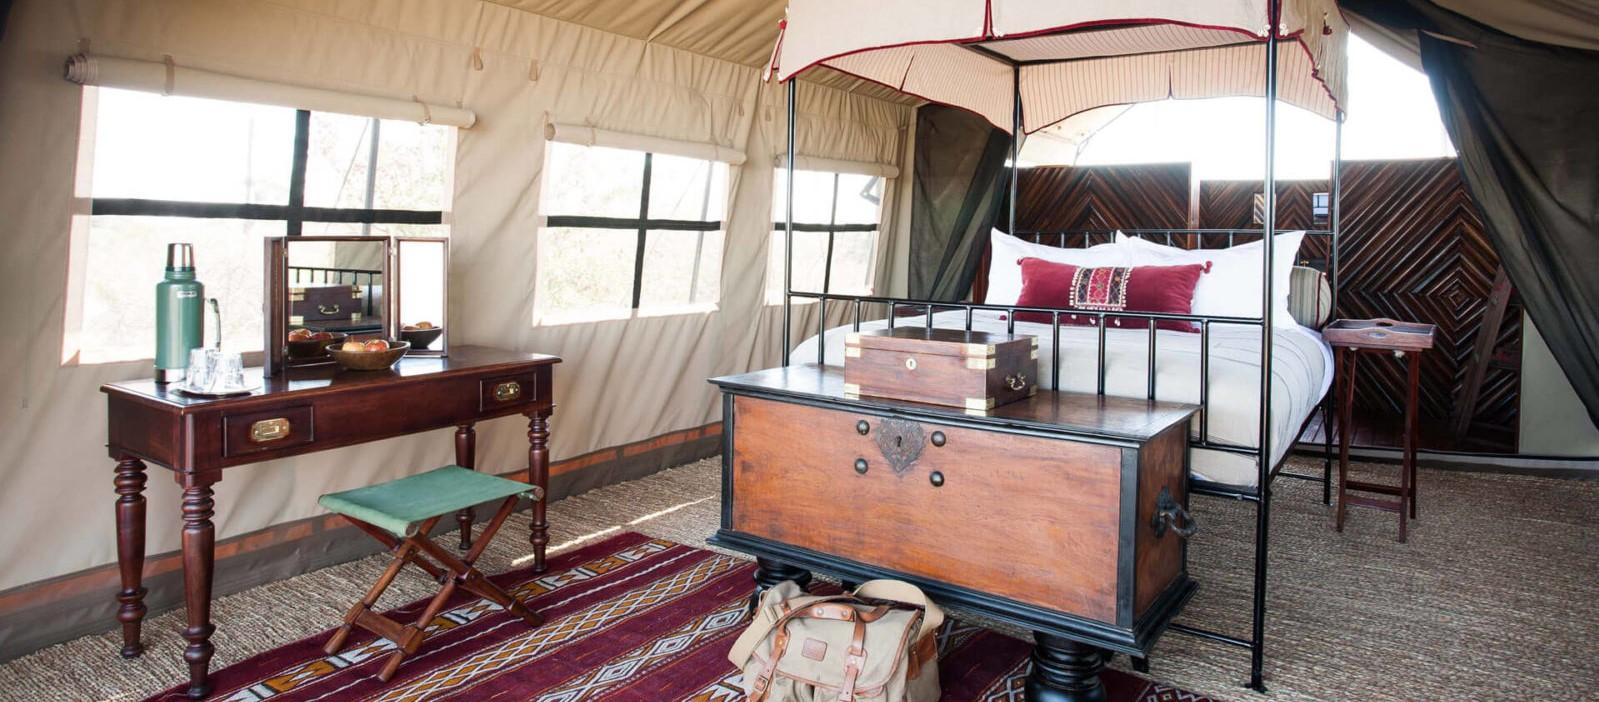 Camp-Kalahari-Guest-Tent-Interior